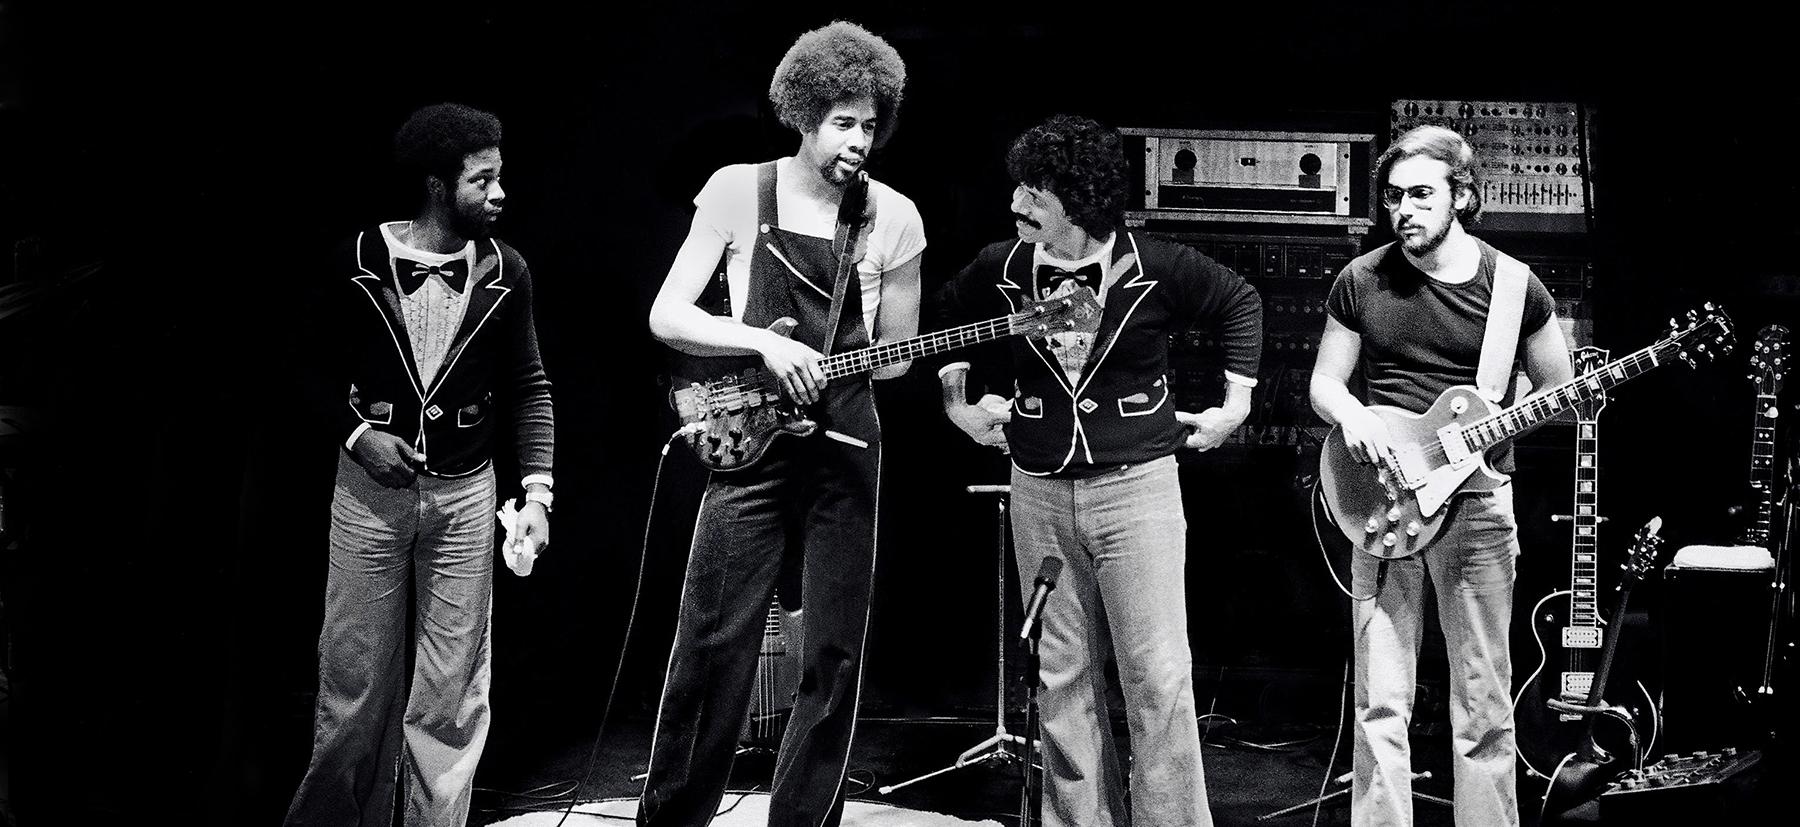 Jazz Fusion avec Return To Forever en 1976